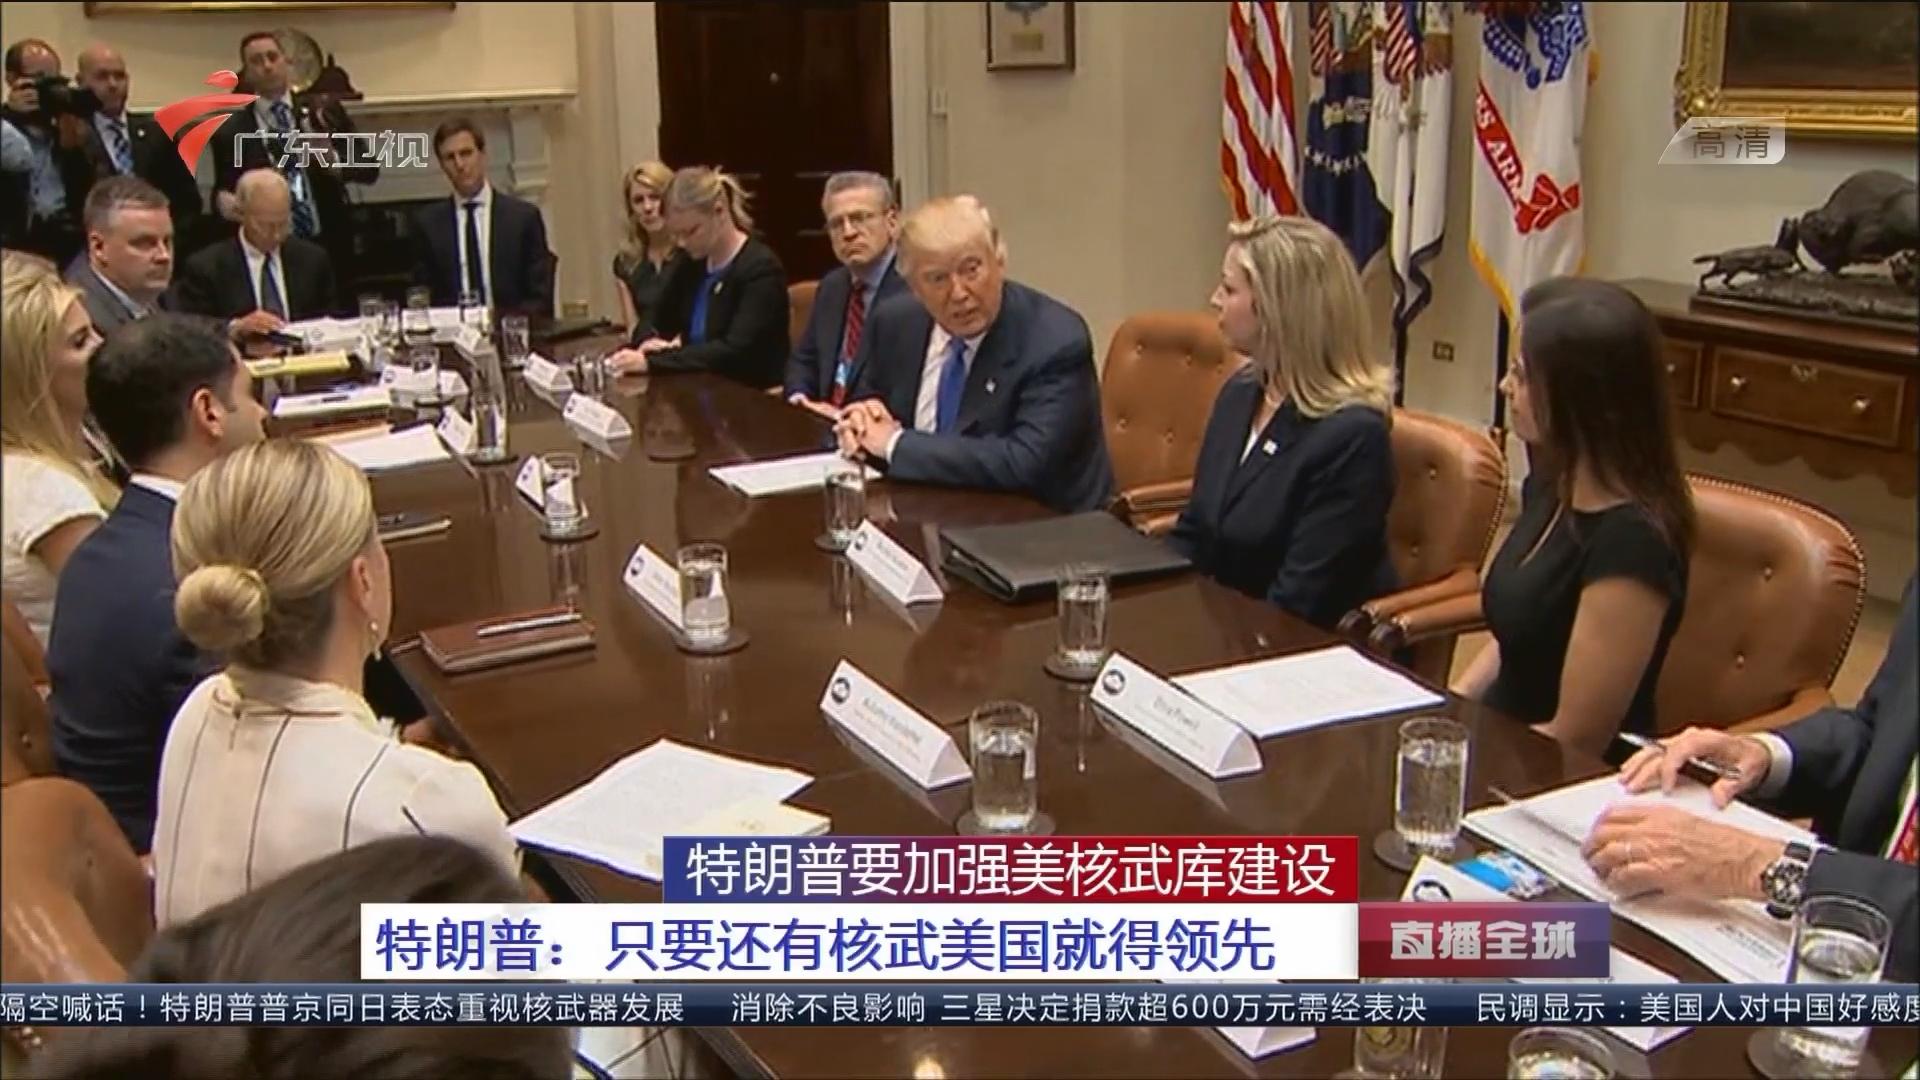 声音来源:美国总统 特朗普要加强美核武库建设